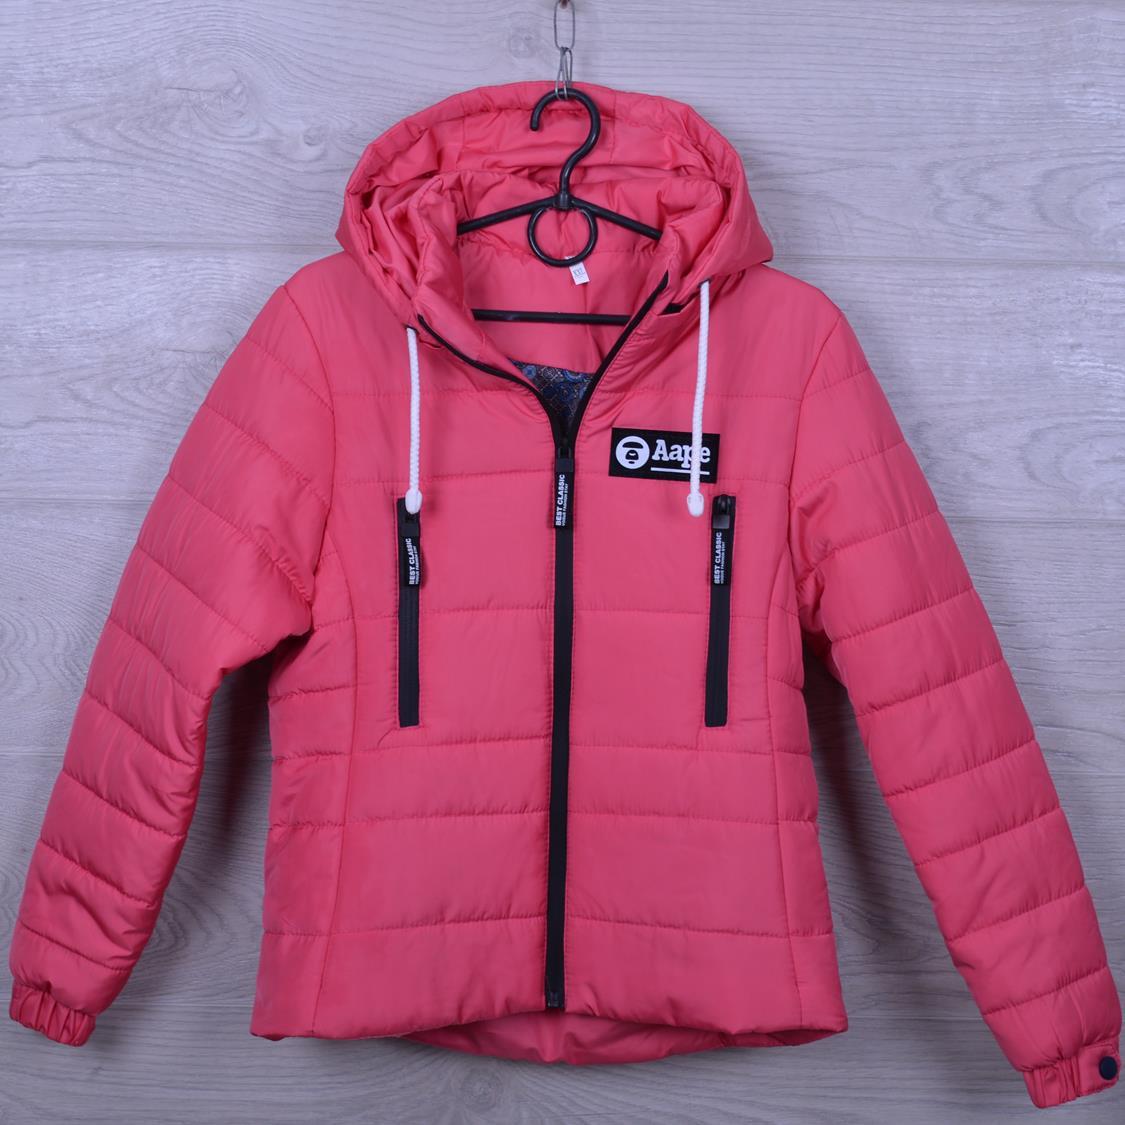 """Куртка подростковая демисезонная """"AaPe"""" для девочек. 10-14 лет. С вертикальными карманами. Коралловая. Оптом."""